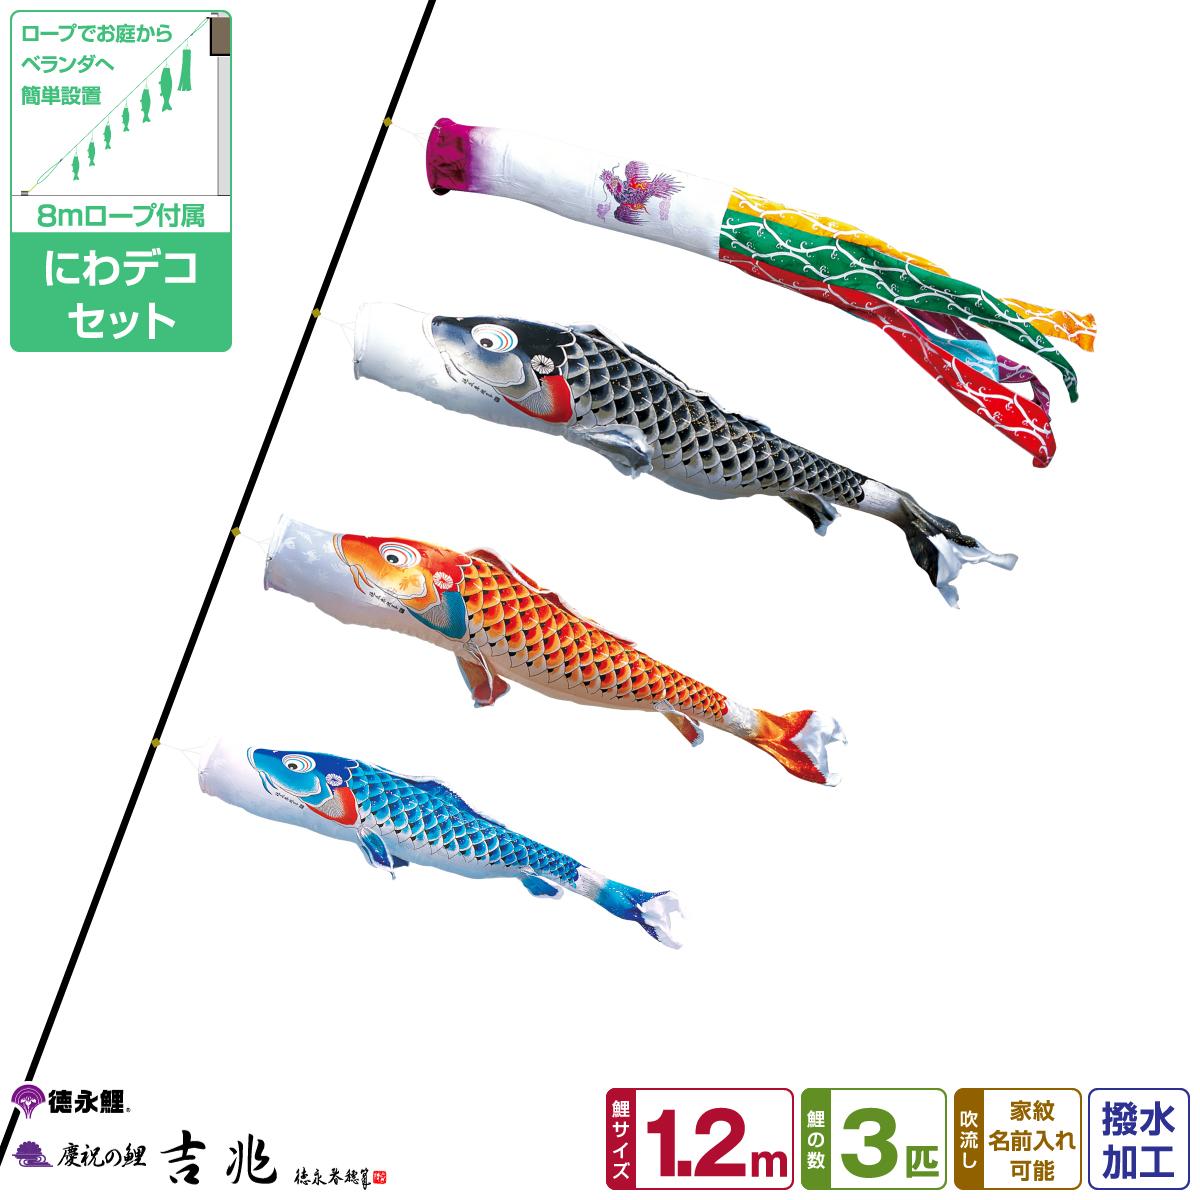 徳永鯉のぼり 吉兆鯉 1.2m 6点セット にわデコセット 2019年初節句 端午の節句 こどもの日 こいのぼり